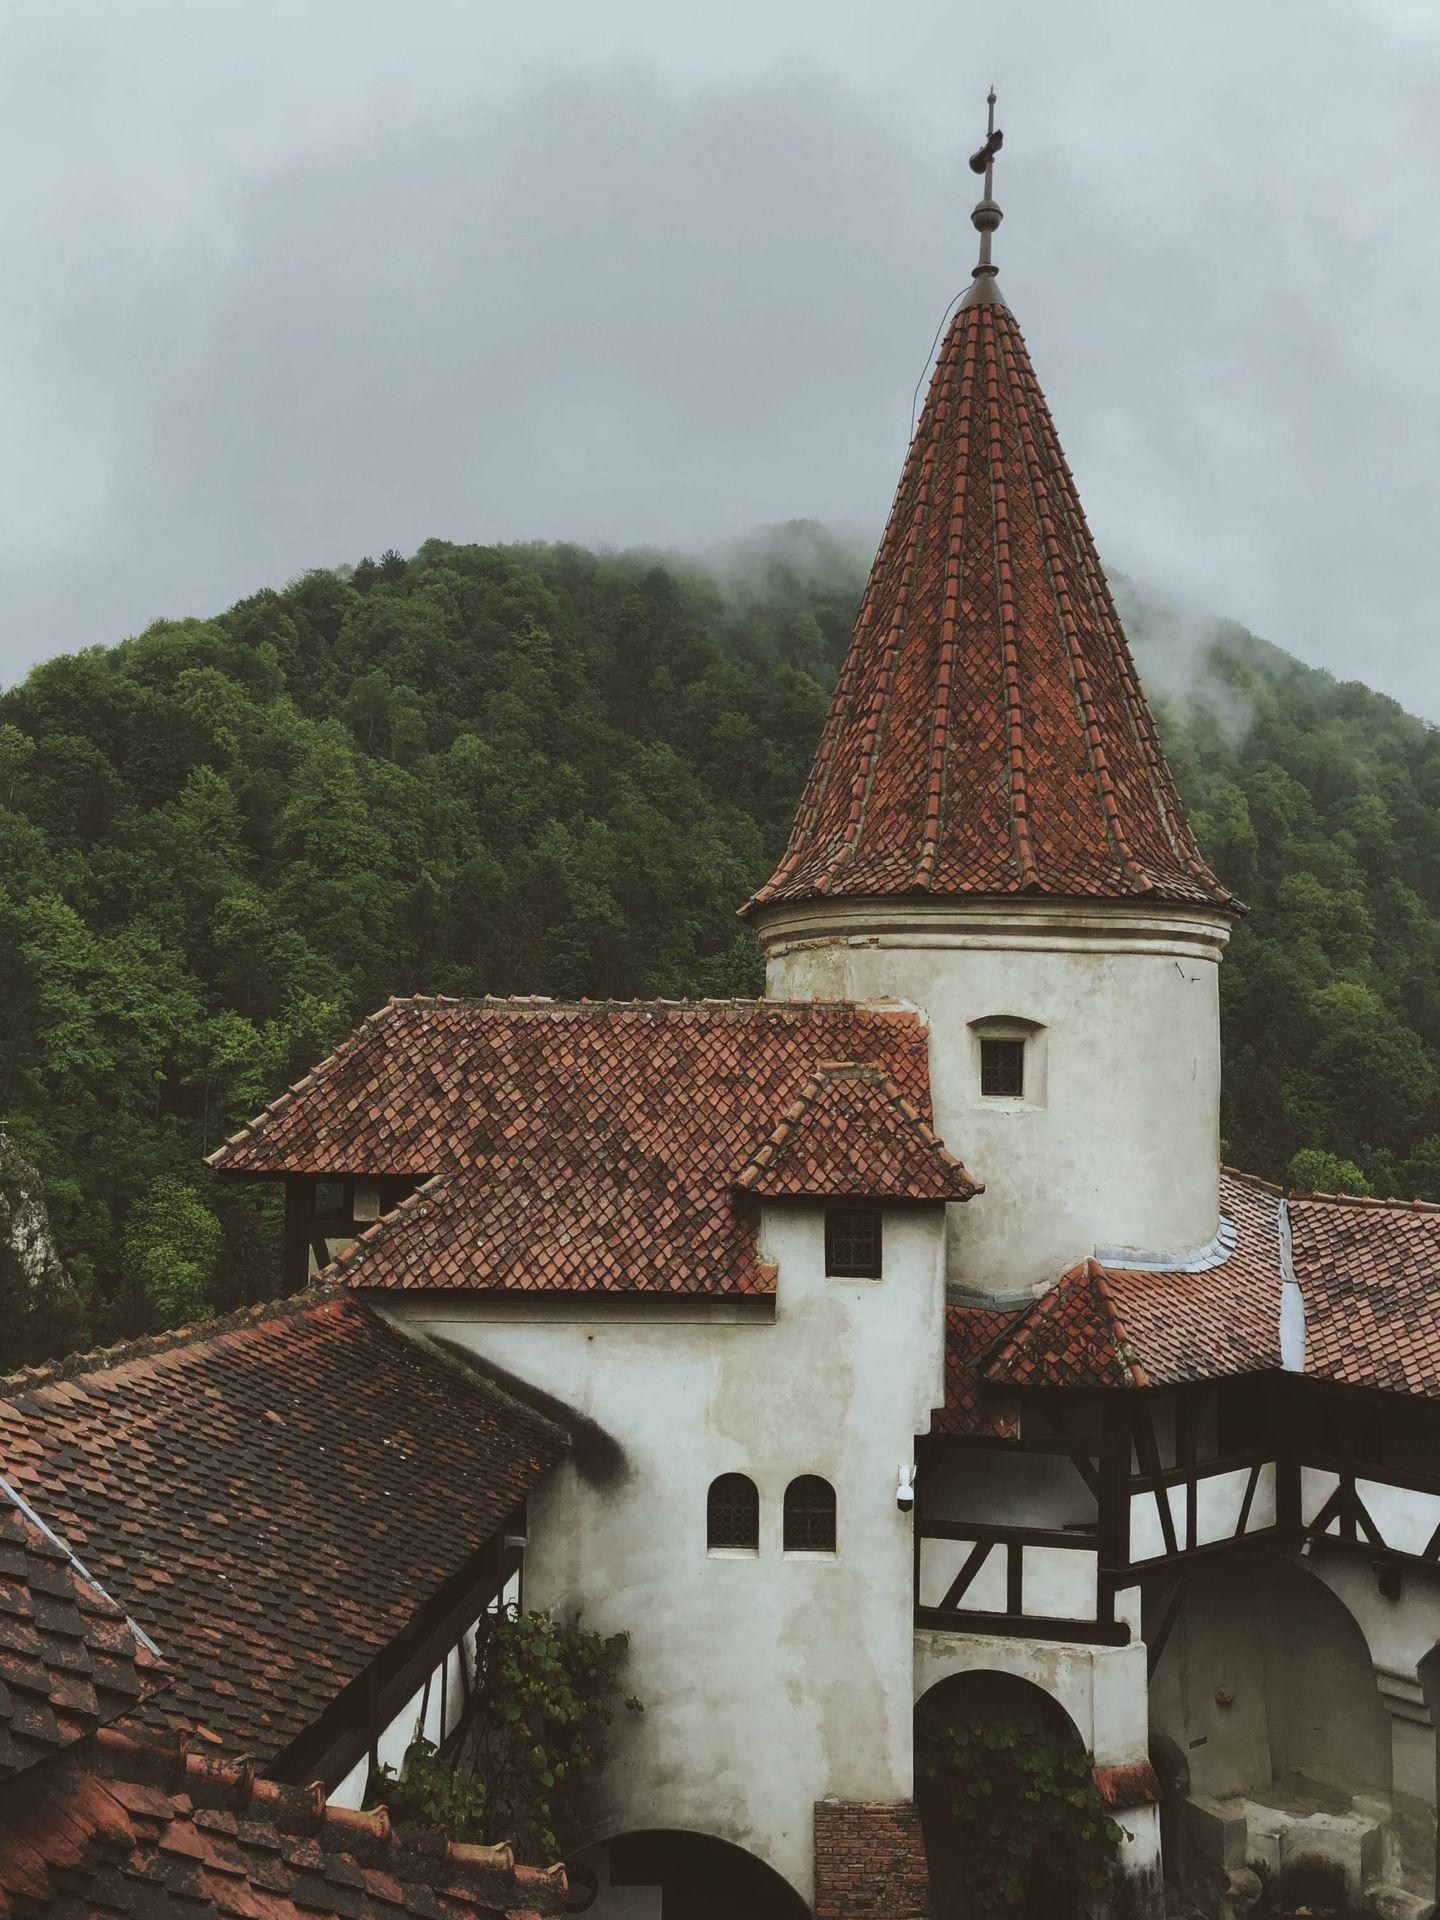 Castillo de Bran, Rumanía. (Unsplash)